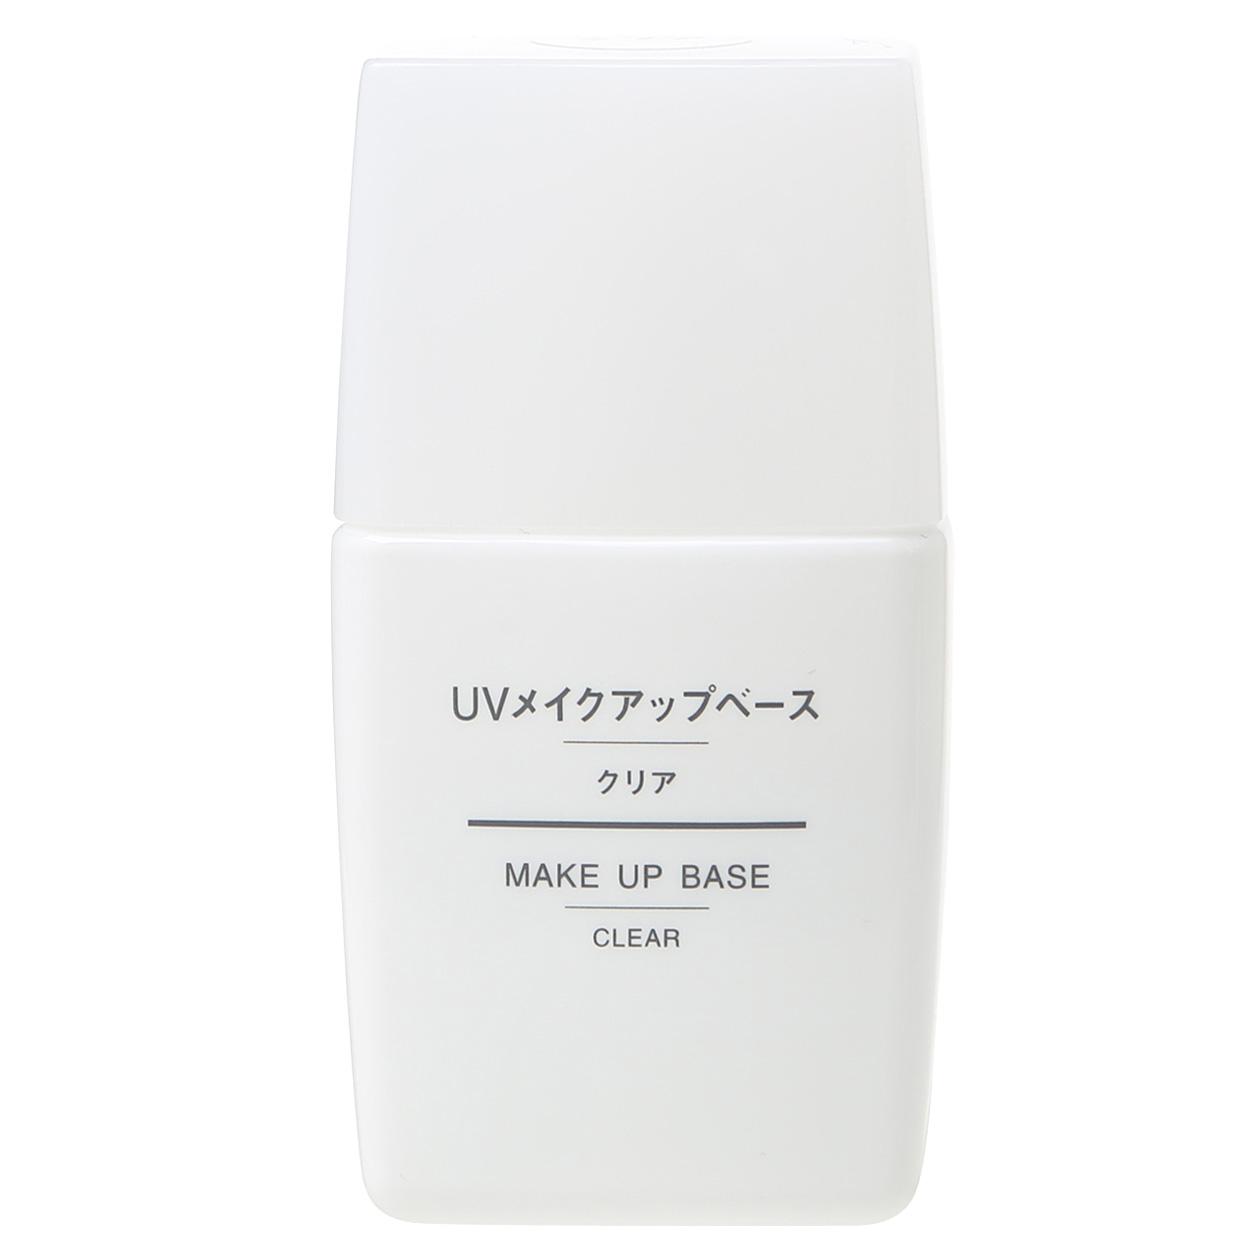 【無印良品】UVメイクアップベース・クリア